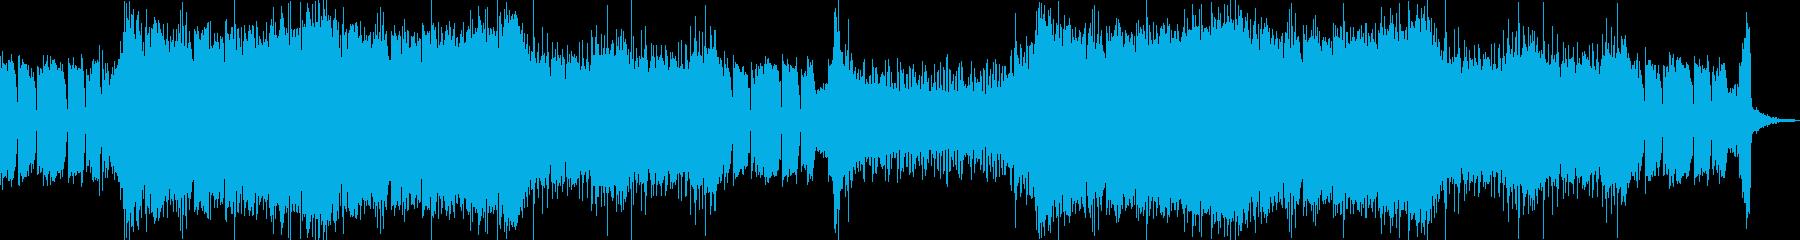 オーケストラ_クワイア_疾走感_2の再生済みの波形